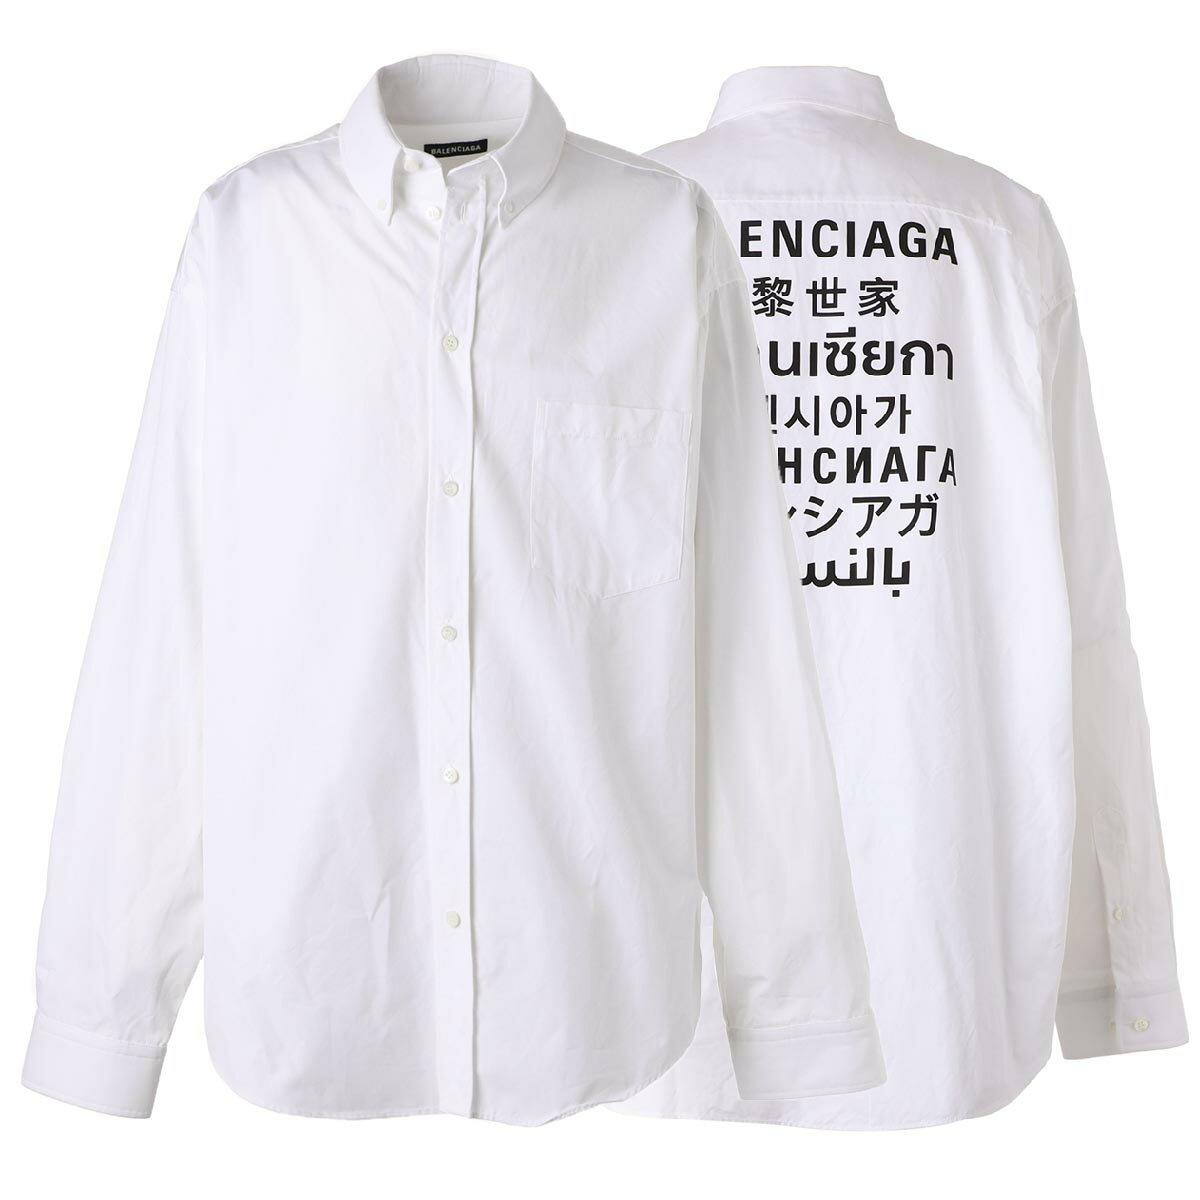 トップス, カジュアルシャツ  BALENCIAGA 647357 tyb18 9000outnew